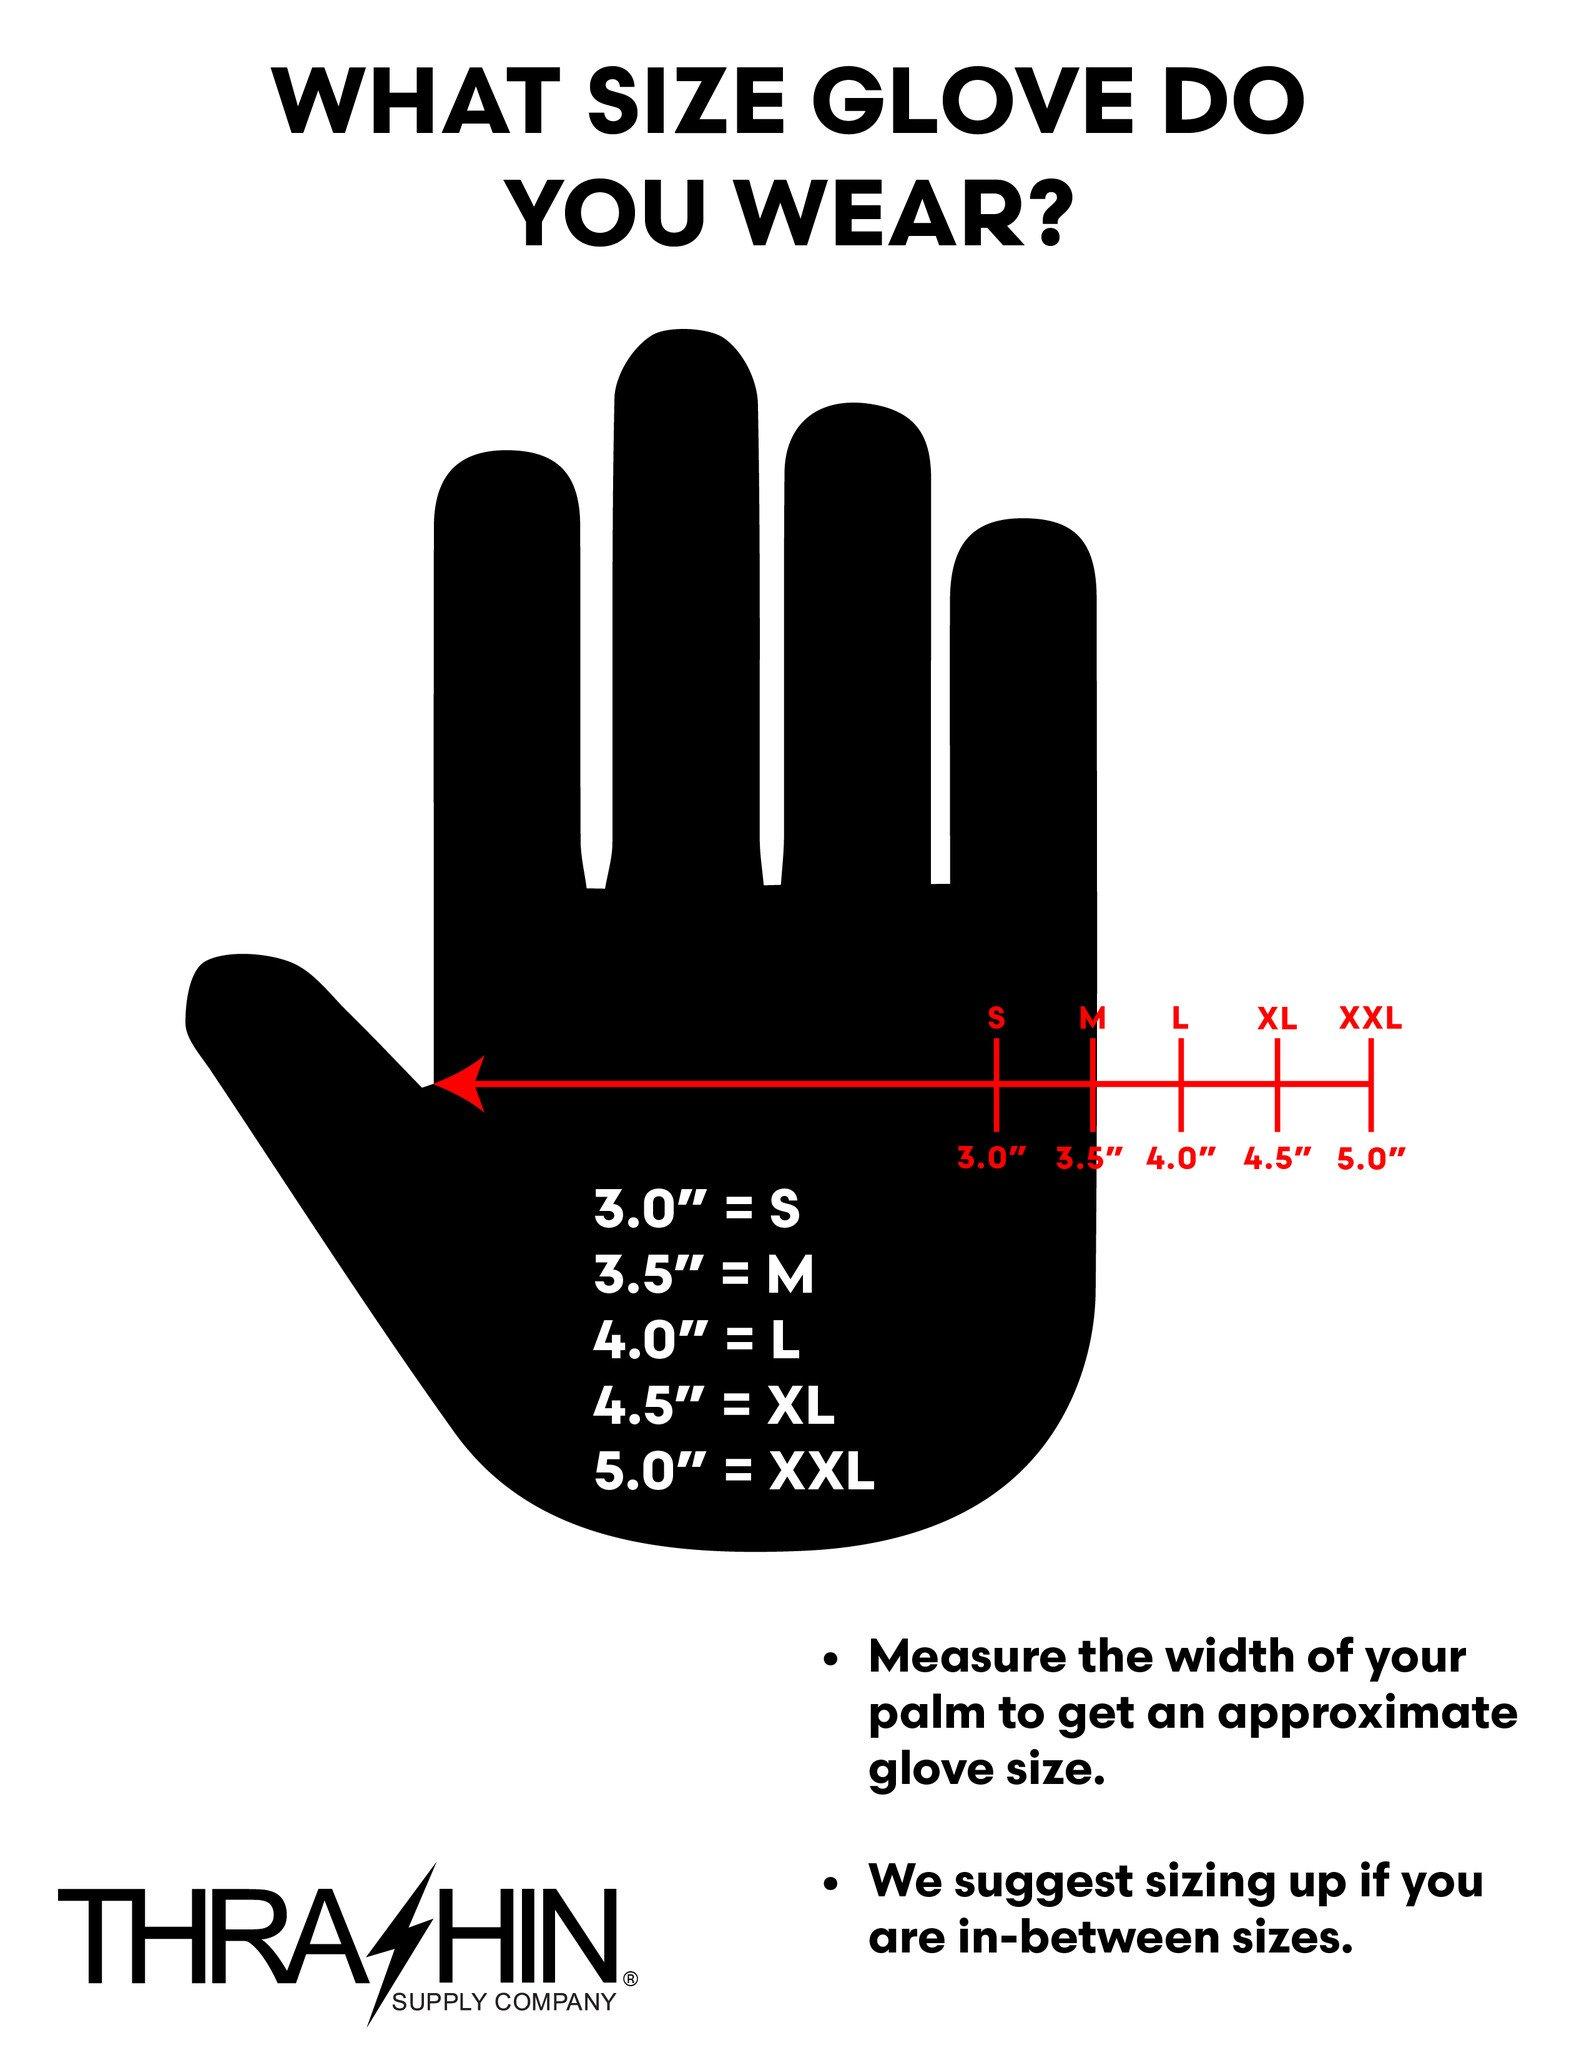 thrashin-supply-co-glove-size-chart.jpg